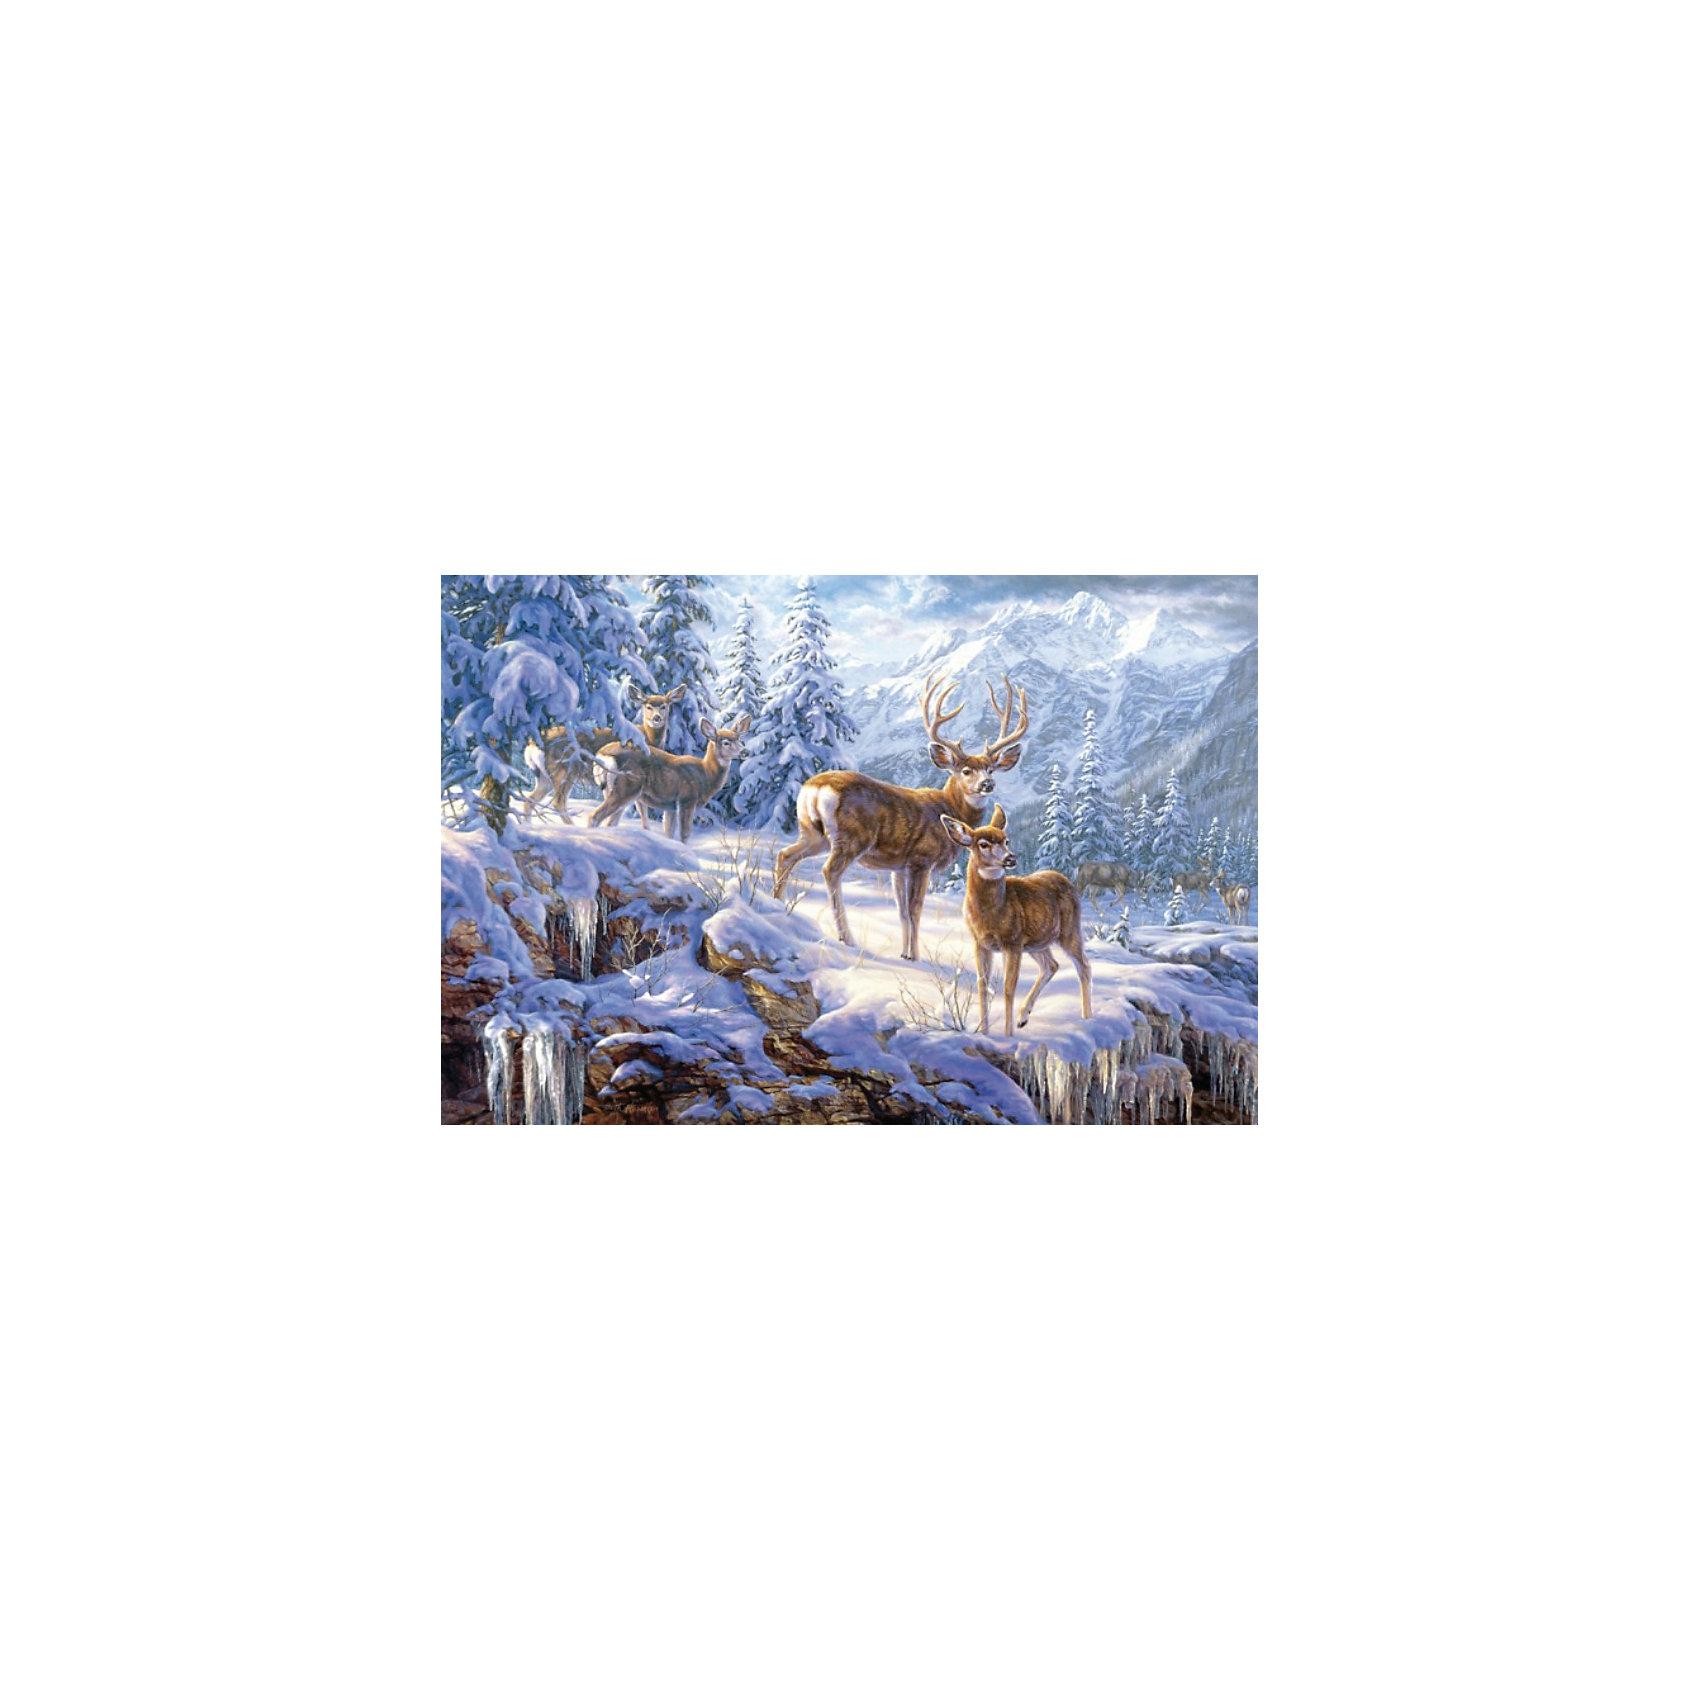 Пазл Олени в зимних горах, 1000 деталей, CastorlandКлассические пазлы<br>Пазл Олени в зимних горах от Castorland (Касторленд), 1000 деталей. <br><br>Благородные олени - это могучие животные, обитающие в лесах Европы. Благодаря своей красоте и стати они украшали герба многих городов. Теперь у Вас есть возможность собрать зимний пазл с изображением оленей и украсить им детскую комнату. Такой пазл с удовольствием будут собирать не только дети, но и взрослые.<br><br>Дополнительная информация:<br><br>- Количество деталей: 1000<br>- Материал: плотный картон<br>- Размер собранного пазла: 680x470 мм <br>- Размер коробки: 350x250x52 мм<br>- Вес: 600 г.<br><br>Пазл Олени в зимних горах, 1000 деталей, Castorland (Касторленд) можно купить в нашем интернет-магазине.<br><br>Ширина мм: 350<br>Глубина мм: 52<br>Высота мм: 250<br>Вес г: 500<br>Возраст от месяцев: 72<br>Возраст до месяцев: 1188<br>Пол: Унисекс<br>Возраст: Детский<br>Количество деталей: 1000<br>SKU: 2508081